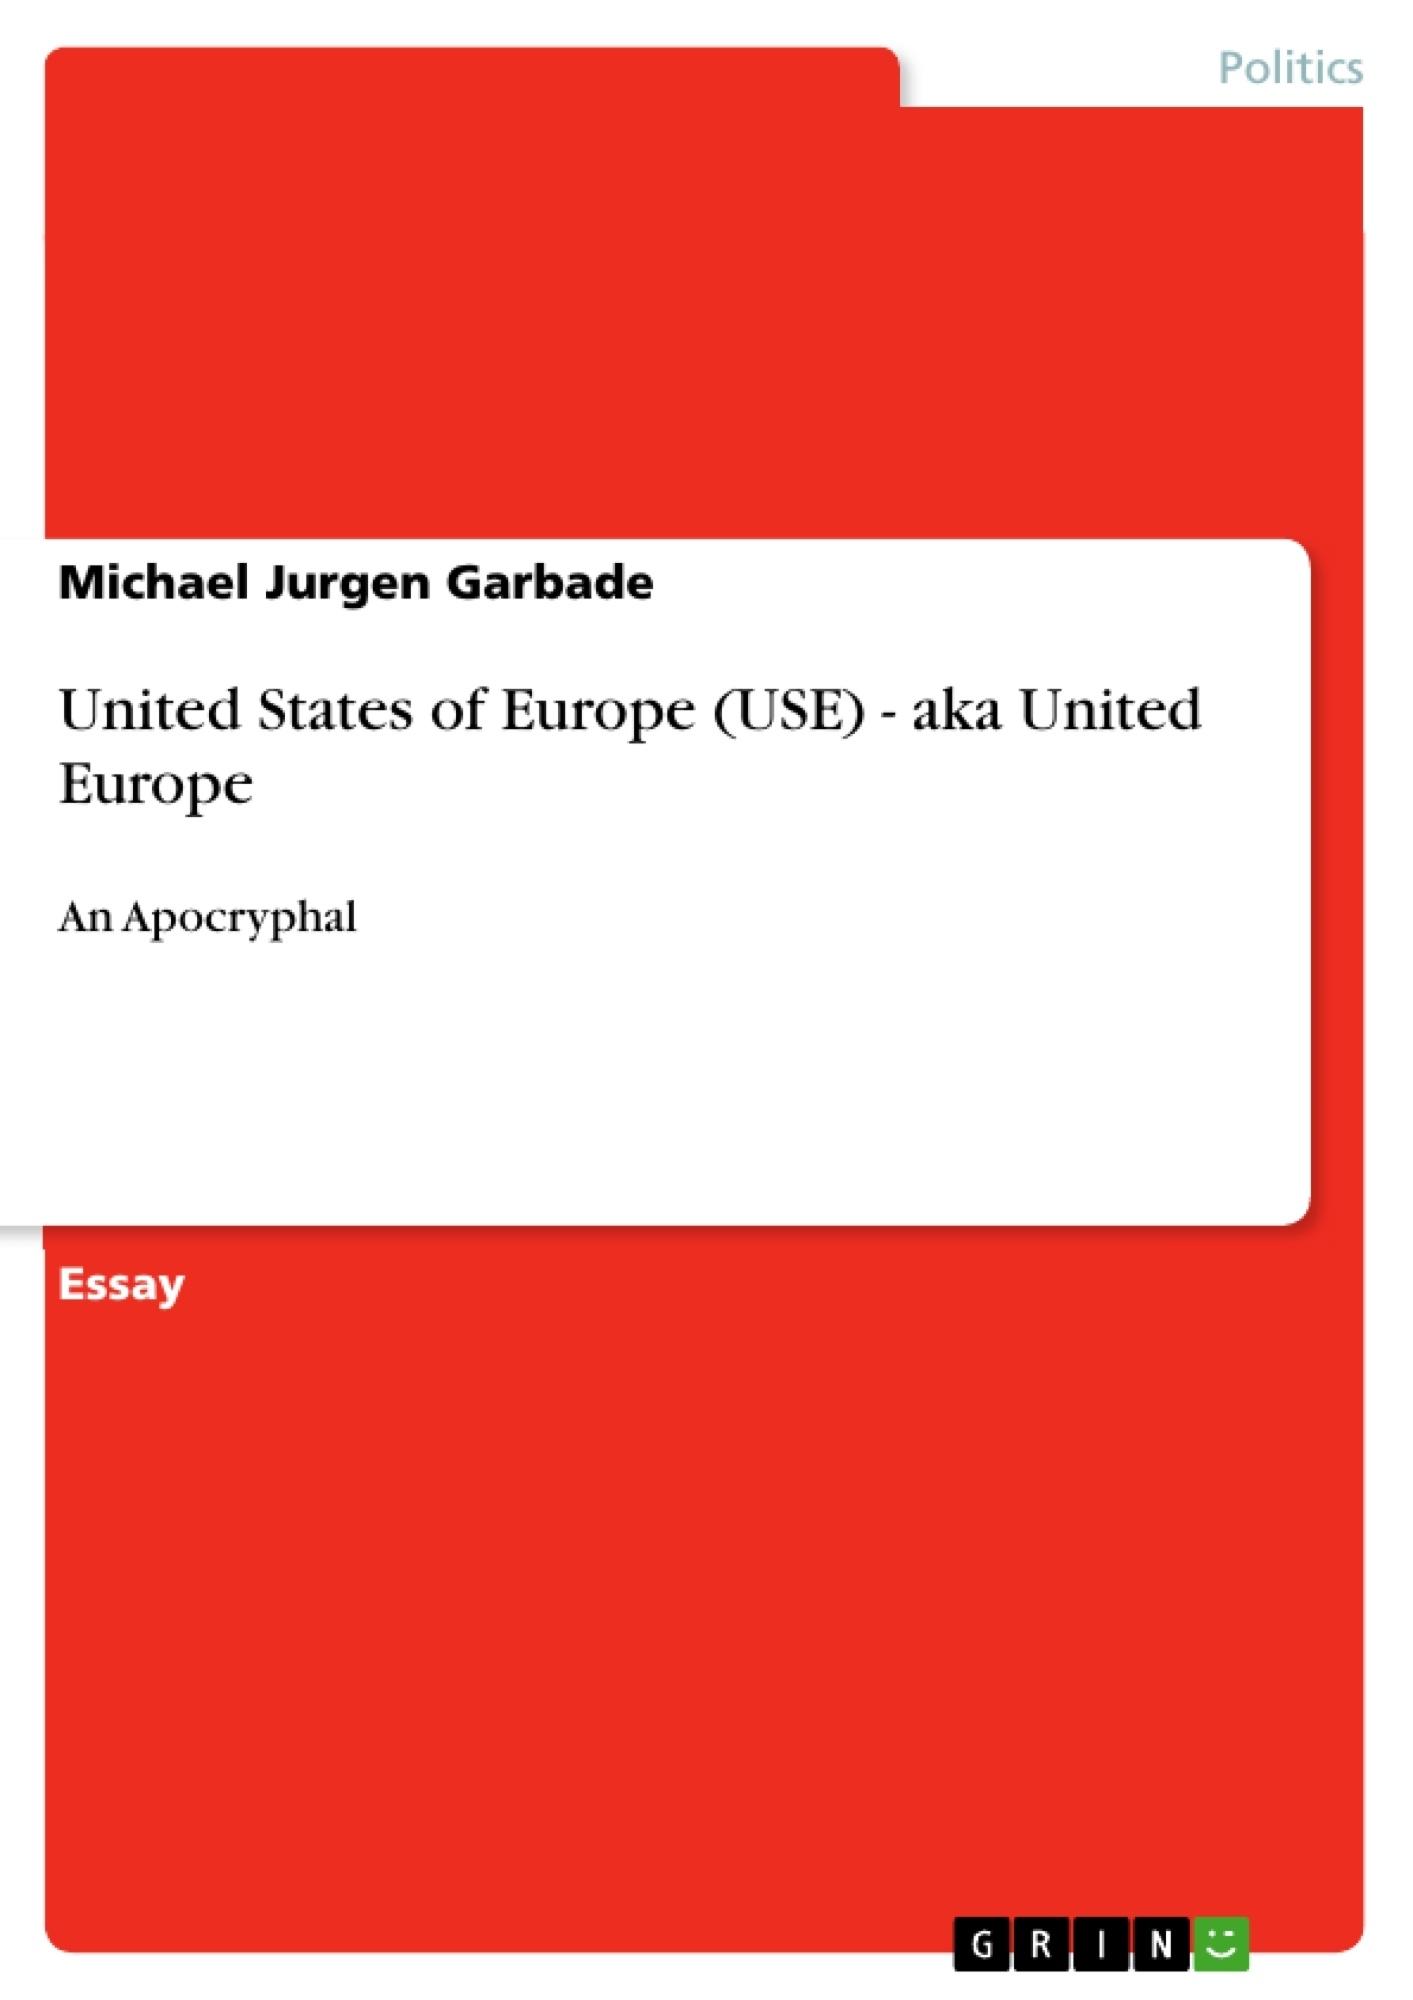 Title: United States of Europe (USE) - aka United Europe